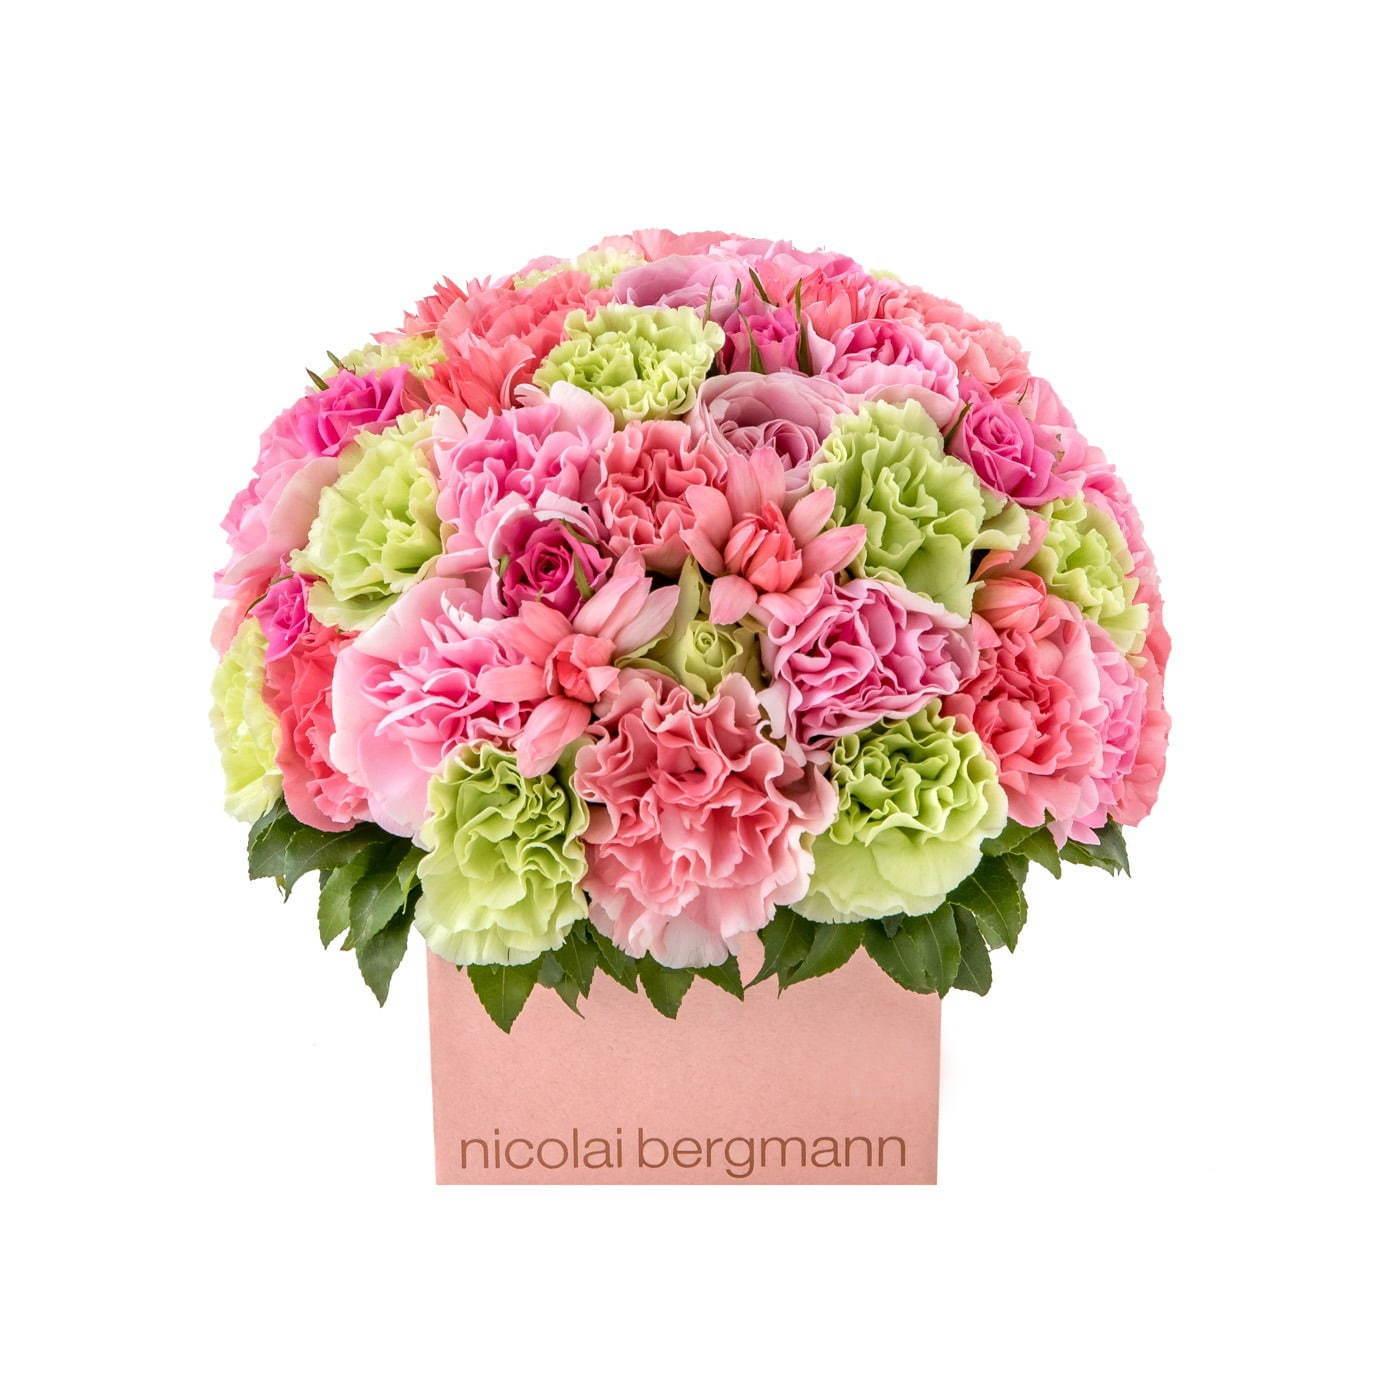 『ニコライ・バーグマン』の「母の日限定フラワーボックス」を大好きなお母さんへ贈ろう♡_3